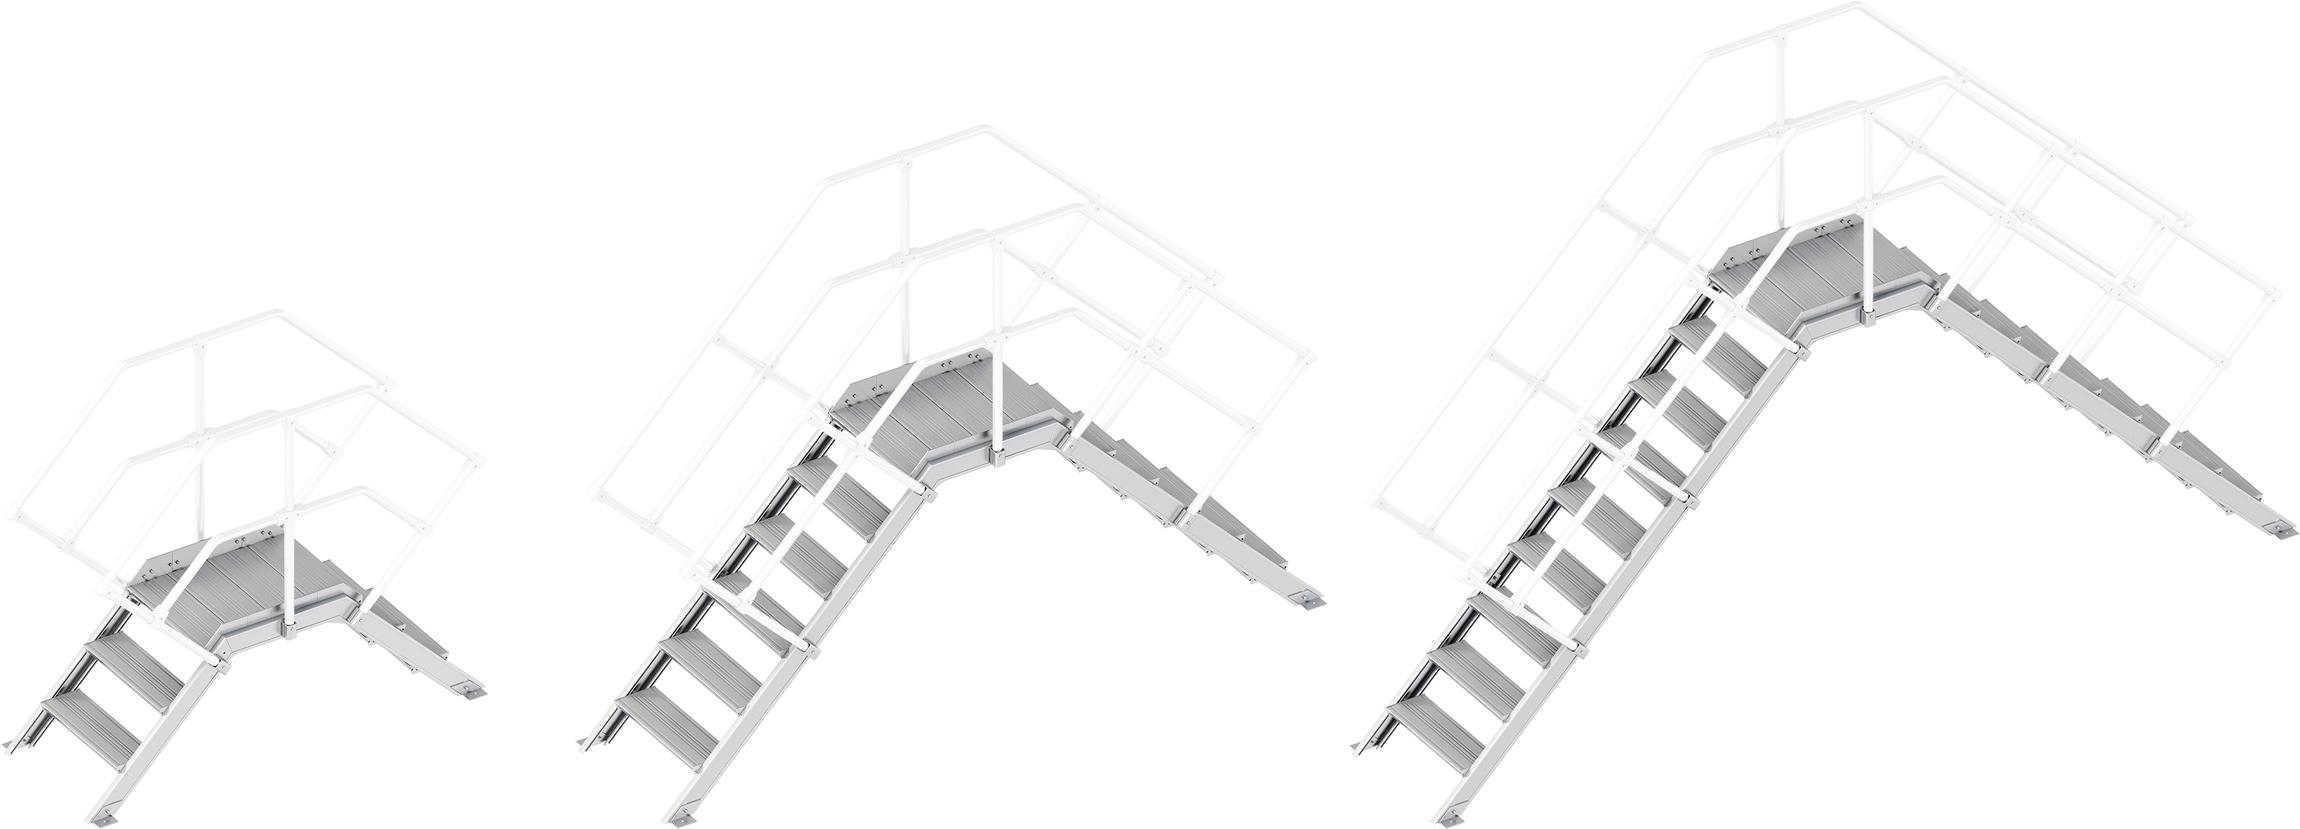 Layher Übergang 45° - 600 mm breit - ohne Handlauf